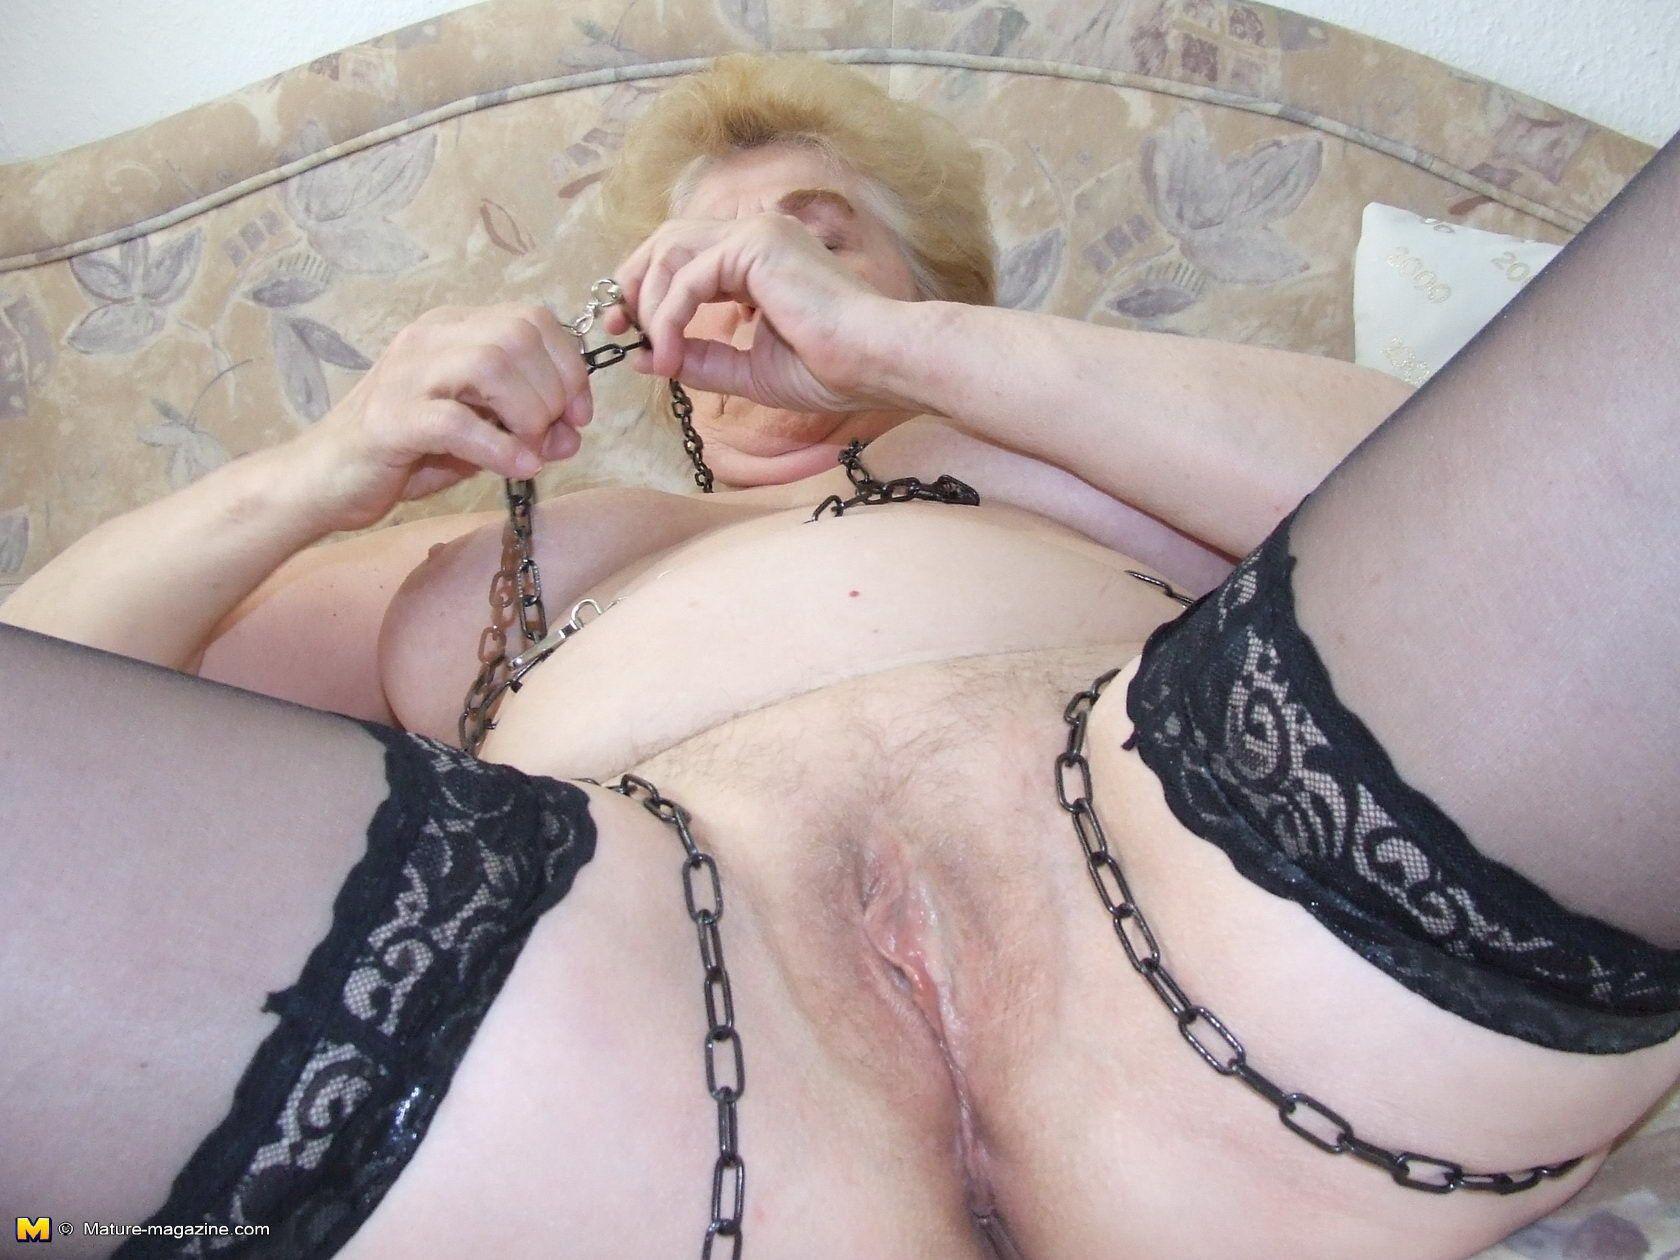 kinky tied up